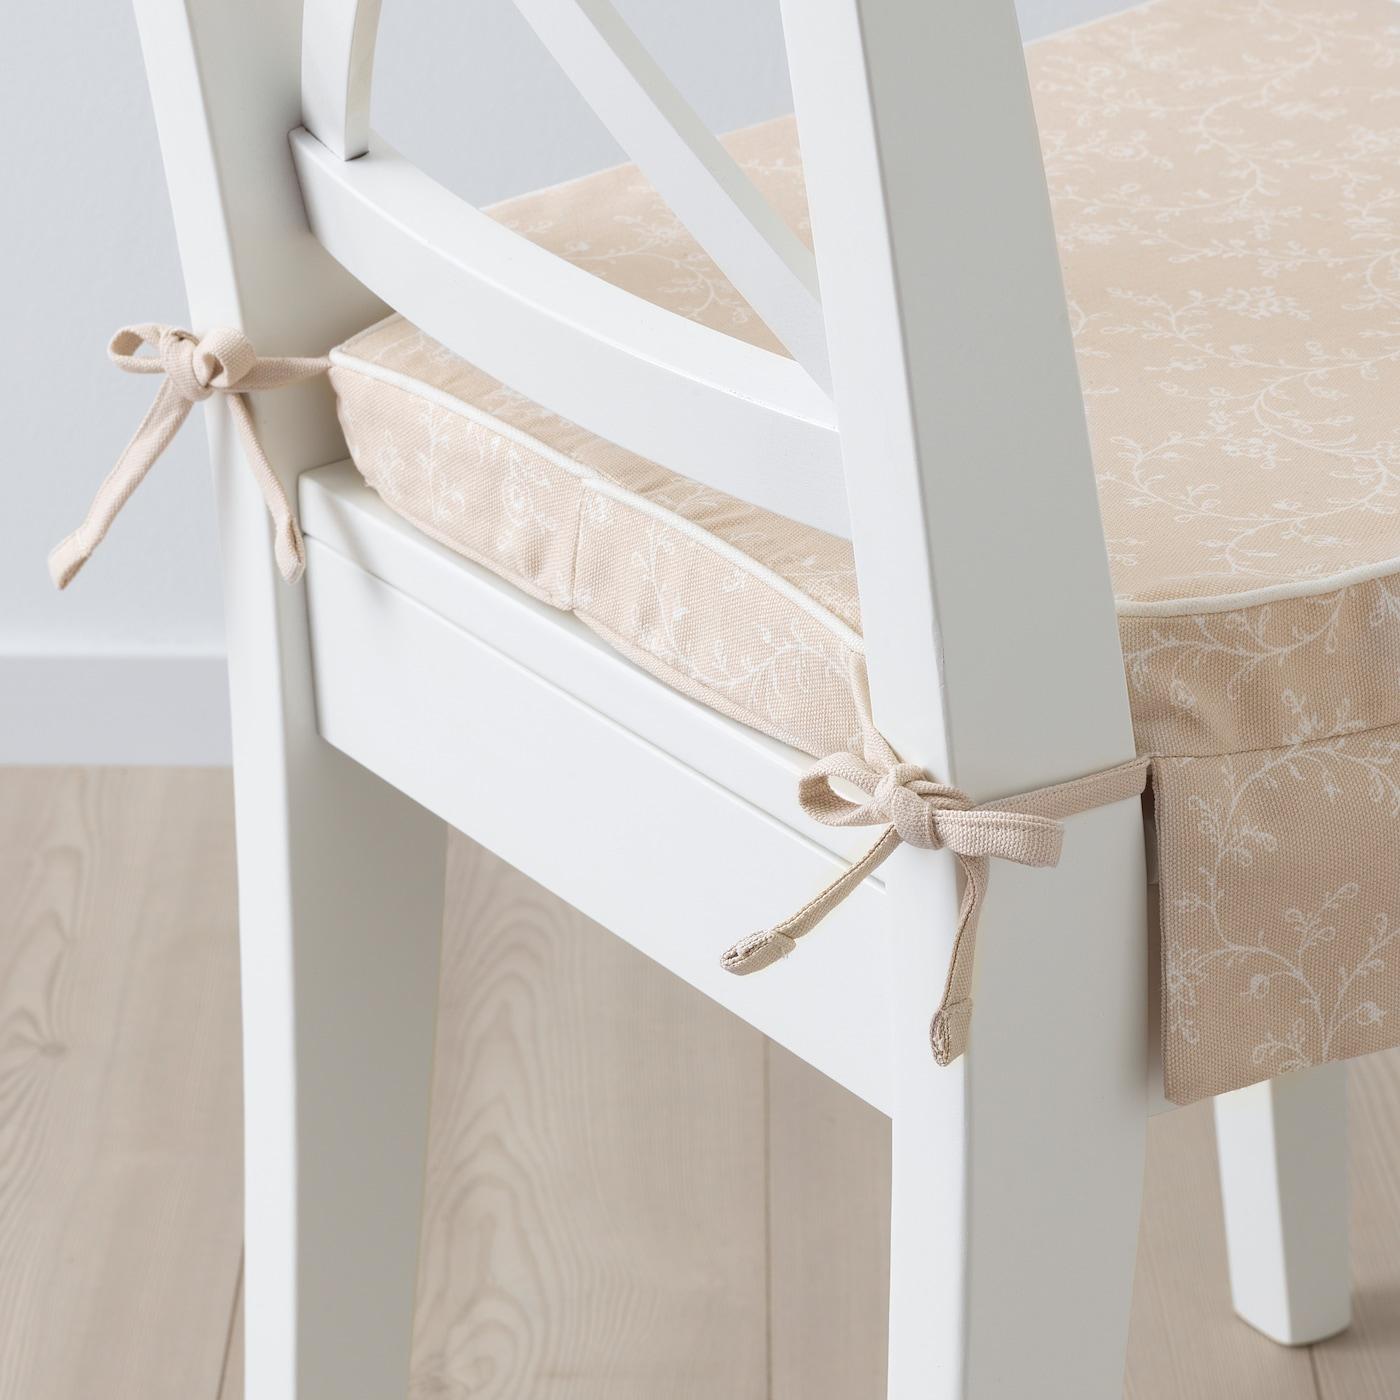 ELSEBET Carreau de chaise, beige clair, 43x42x4 IKEA